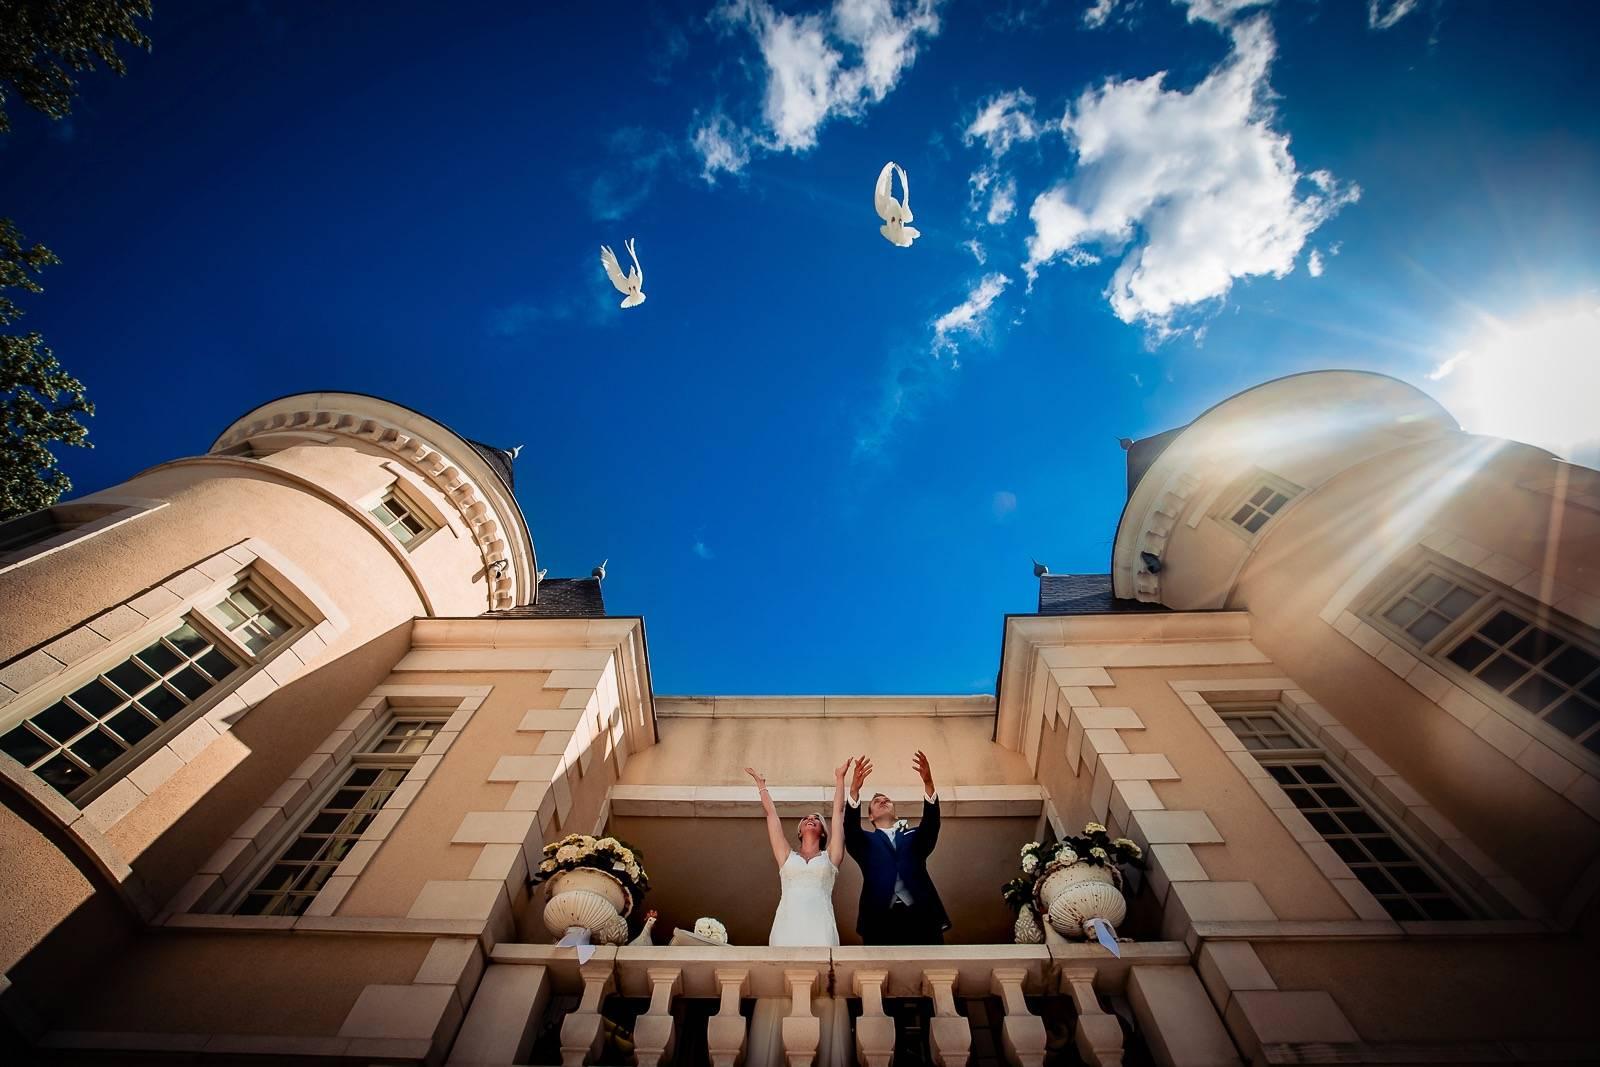 Eppel Fotografie - Trouwfotograaf - Huwelijksfotograaf - House of Weddings - 4